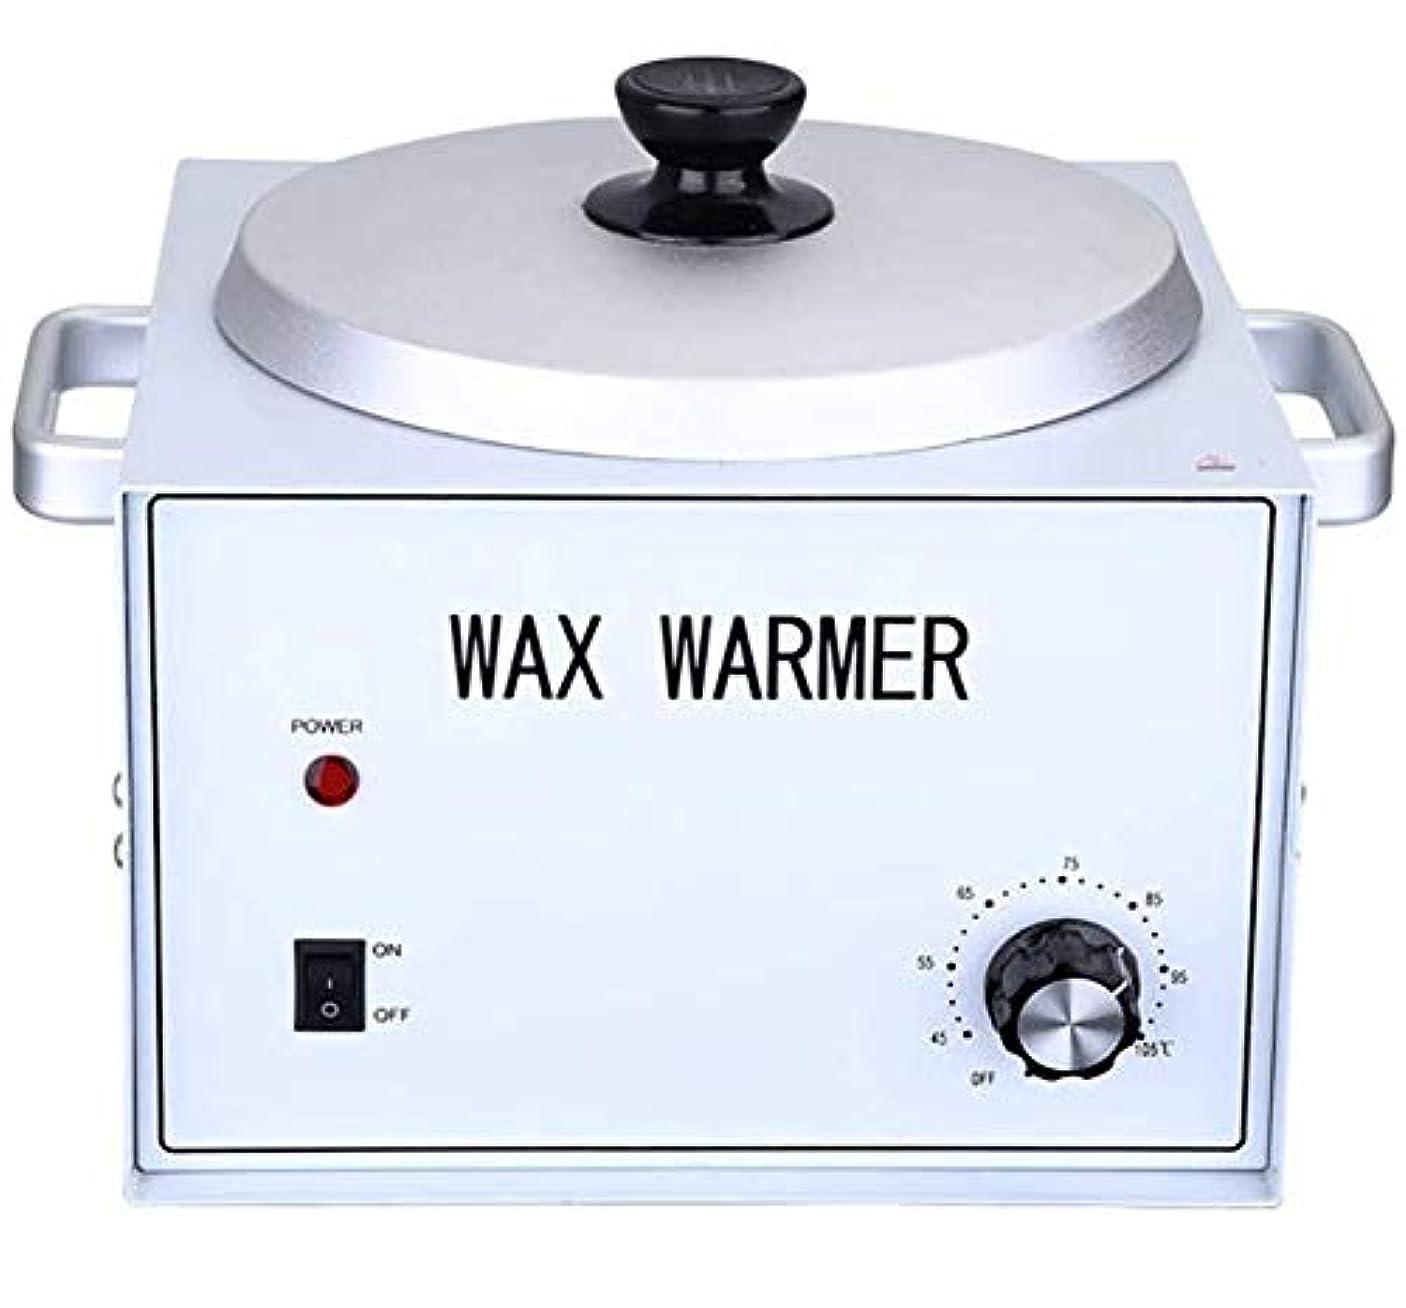 社会科突然大宇宙すべてのWAXS(ソフト、ハード、パラフィン)の高速メルトプロフェッショナルヒーター脱毛ワックスヒーター脱毛ヒーターワックスウォーマーシングルポット